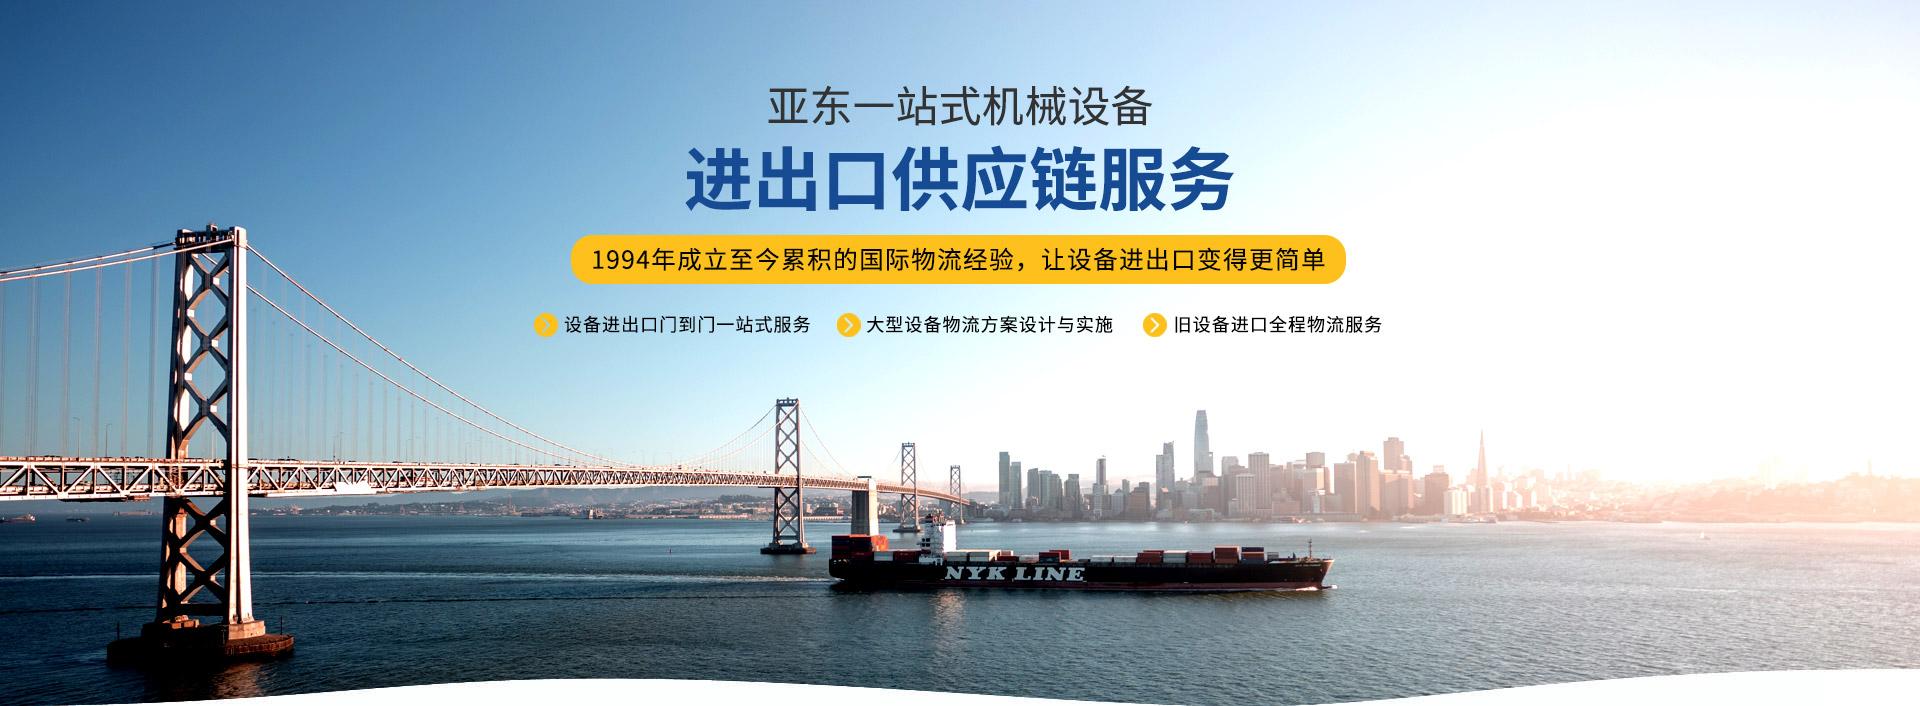 亚东供应链-一站式机械设备进供应链服务平台